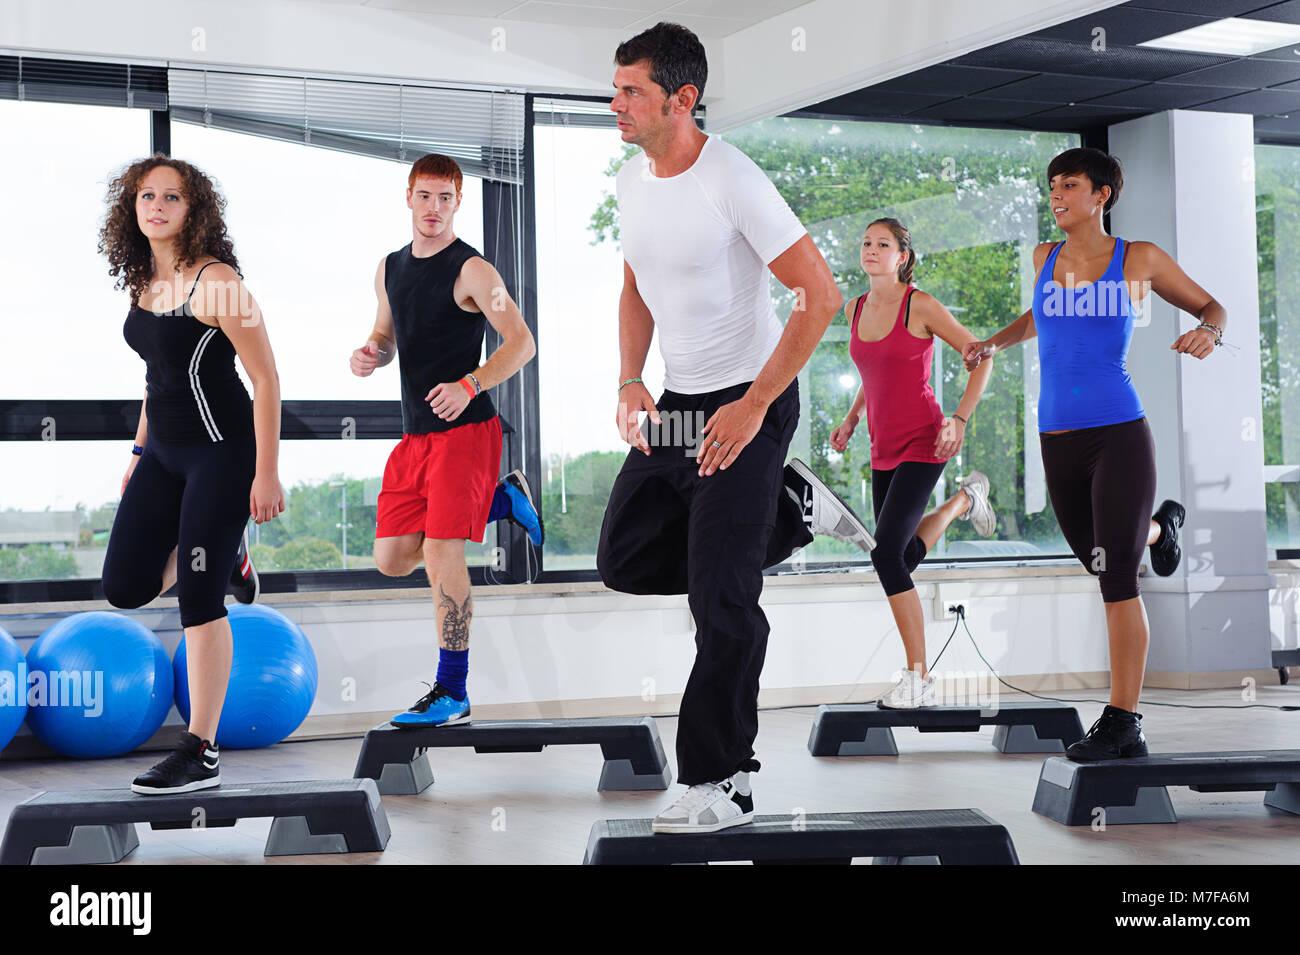 fitness mujeres y hombres haciendo deporte aerobic - Stock Image